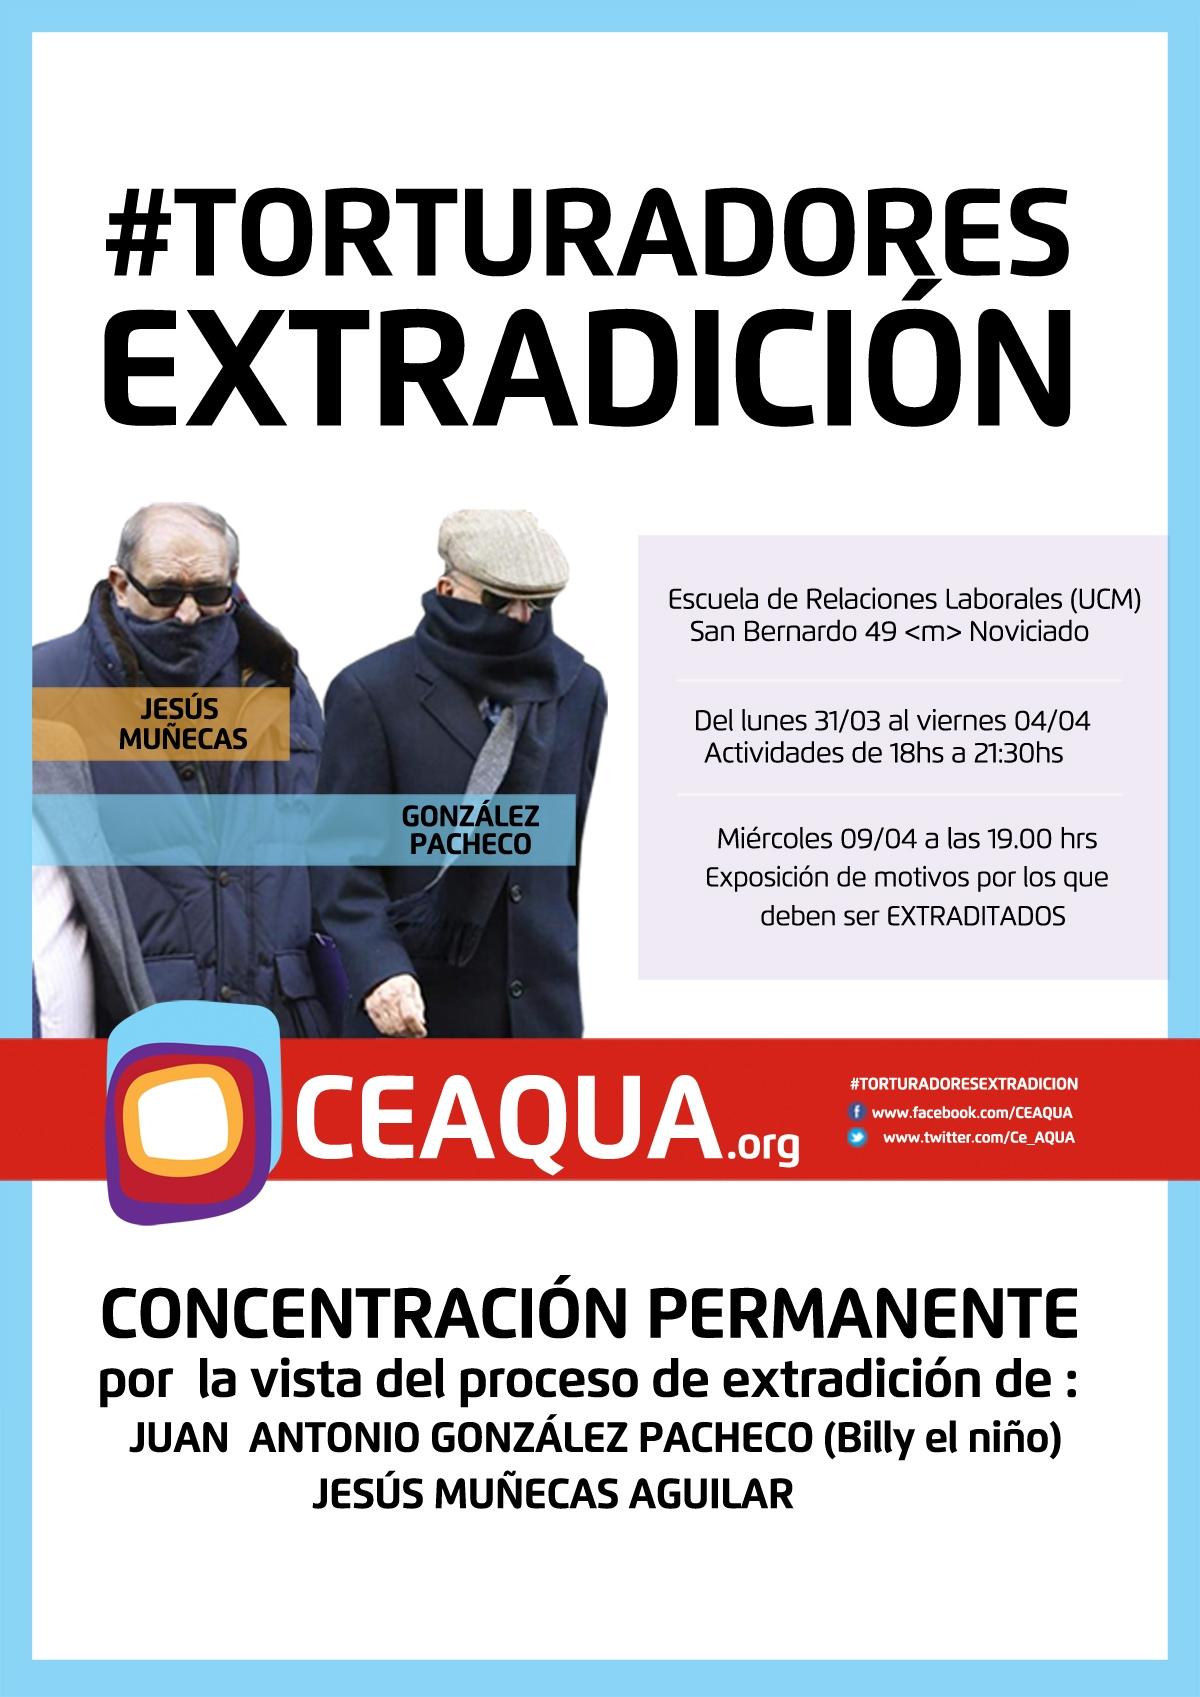 ¡NO A LA IMPUNIDAD! #TORTURADORES EXTRADICIÓN